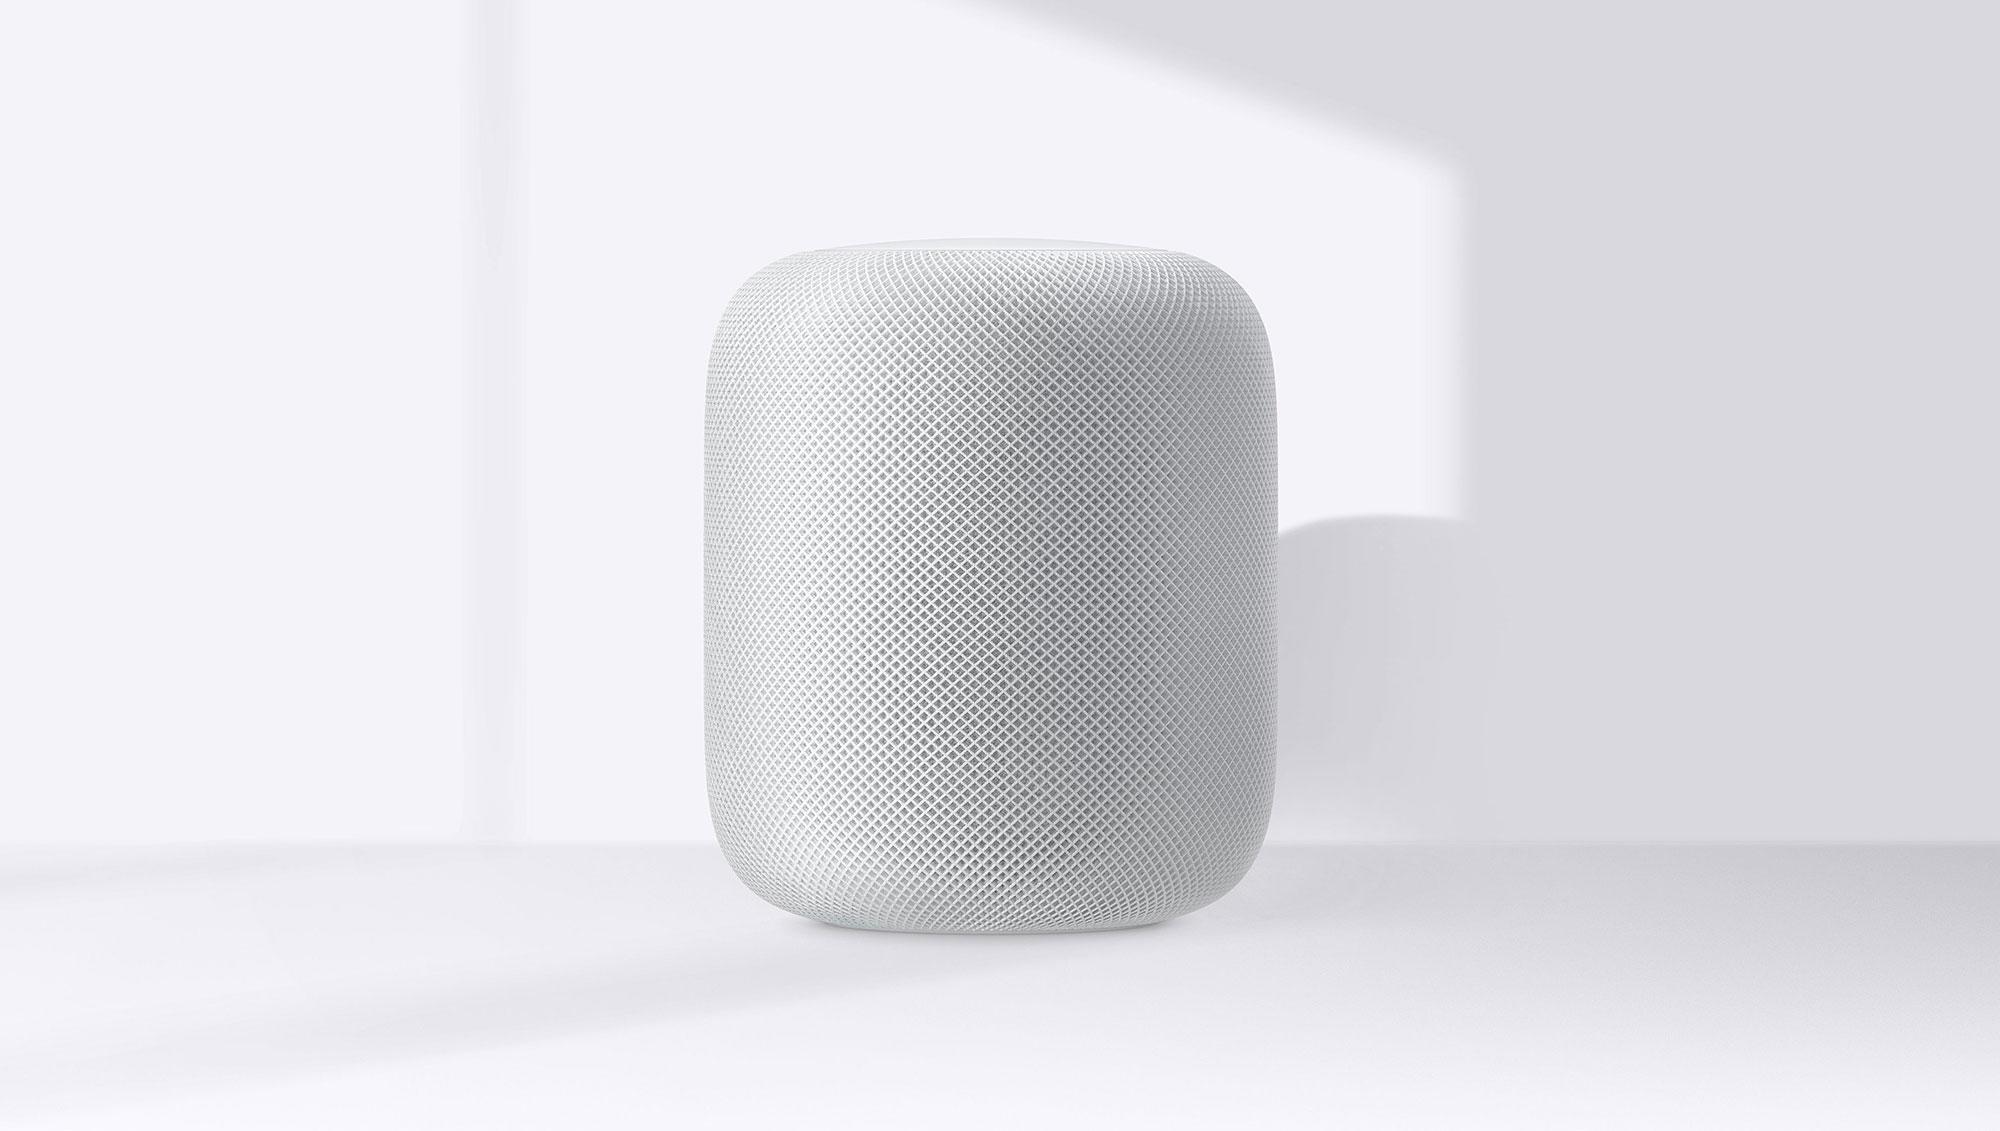 国行版 HomePod 正式开售,售价 2799 元